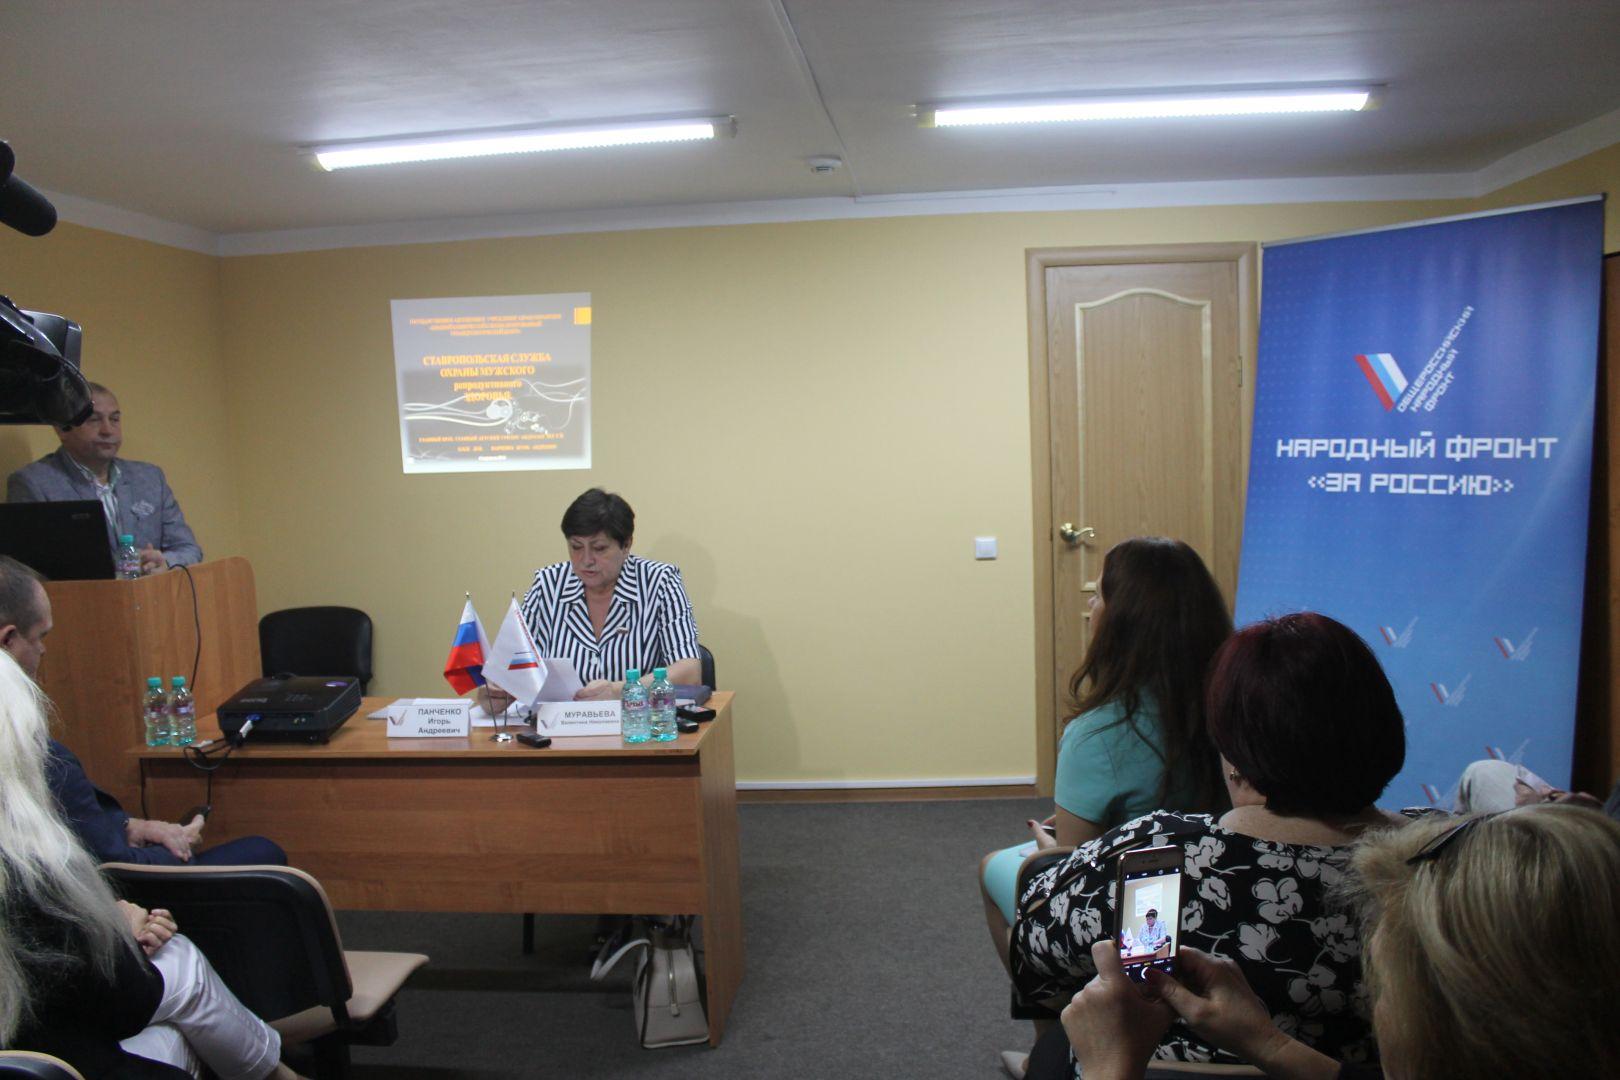 Ставропольские эксперты ОНФ разрабатывают предложения в национальную программу по сохранению мужского здоровья